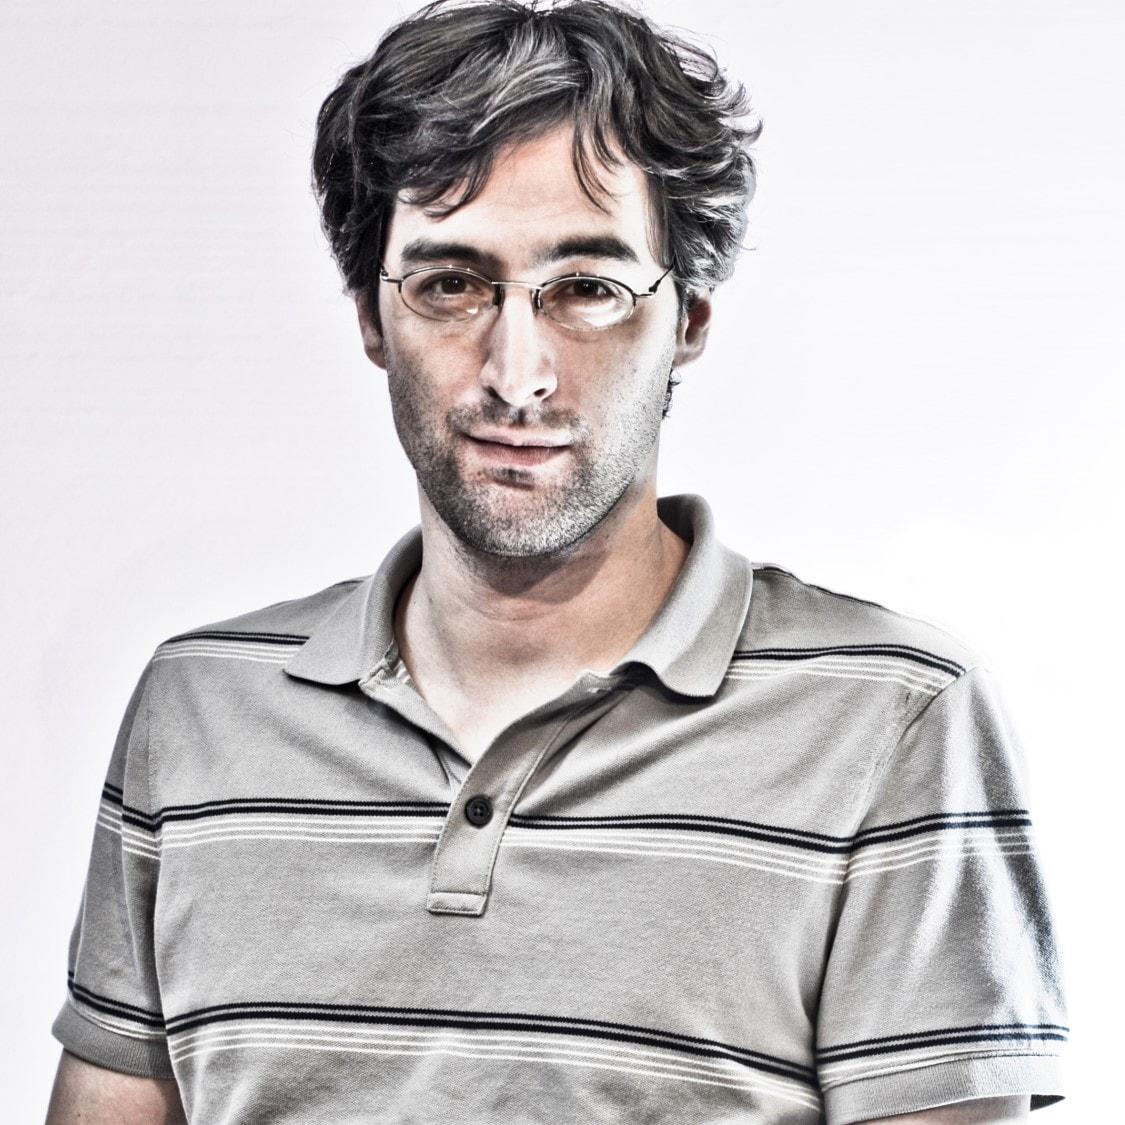 Zach Franzen